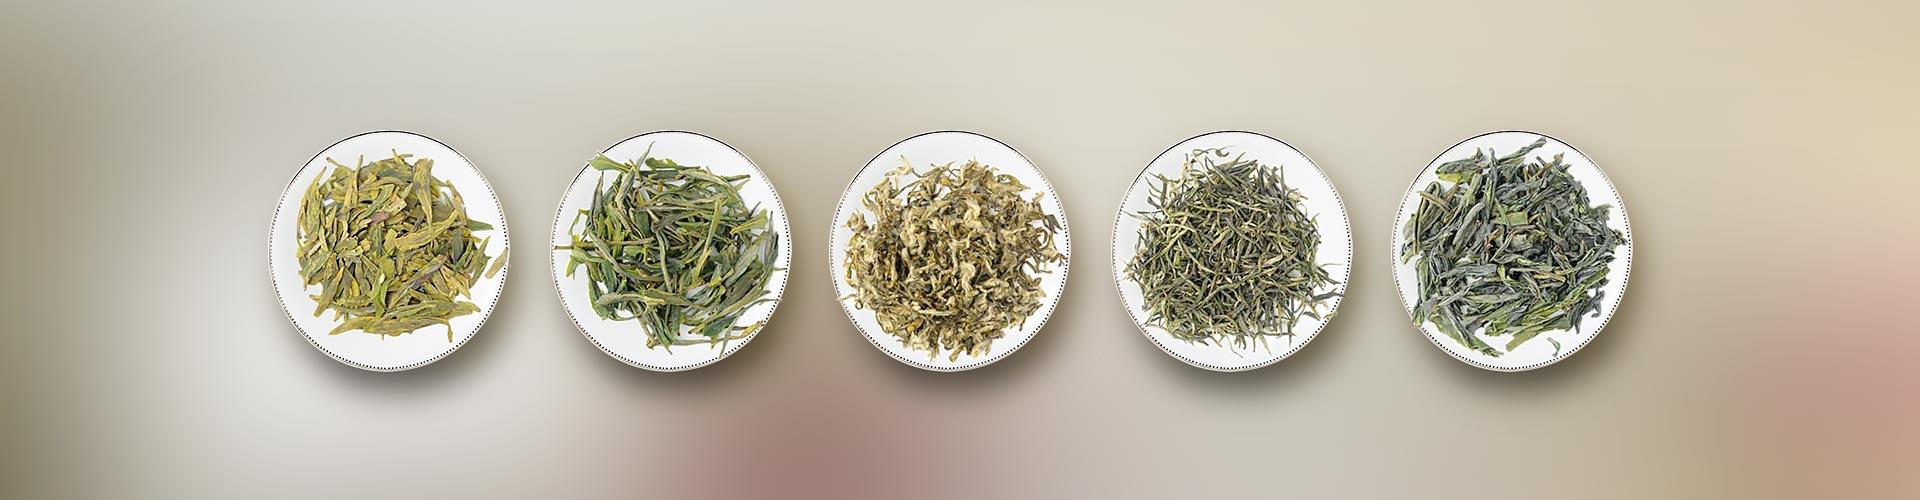 چای سبز ایرانی اصل